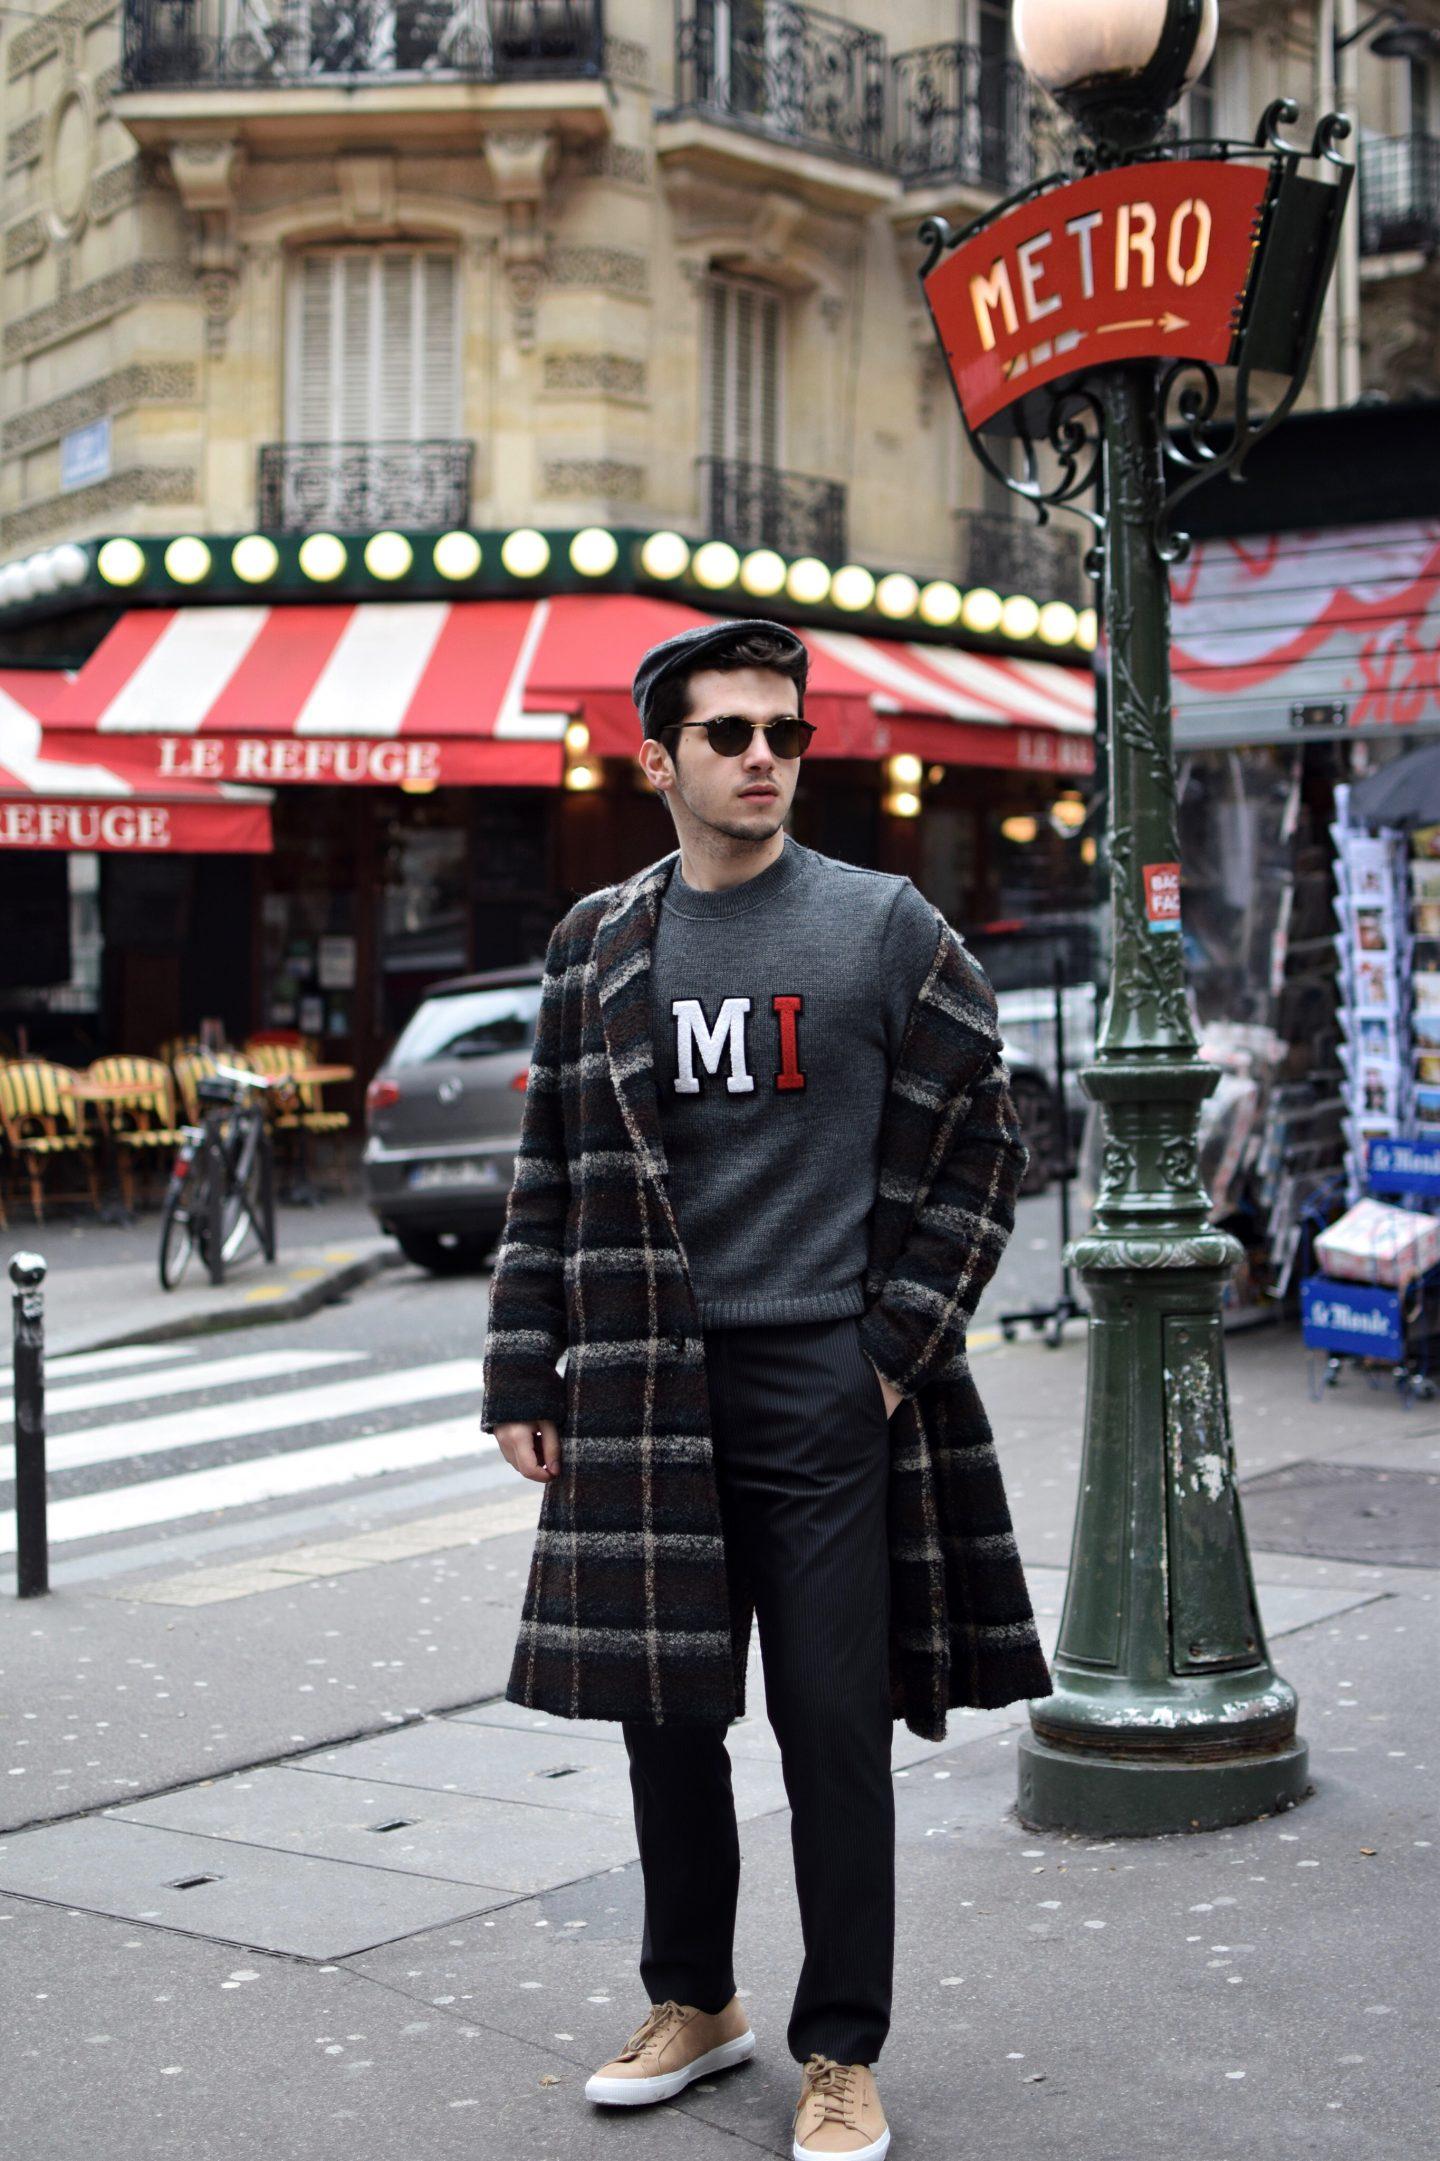 Elefv Paris Montmarte